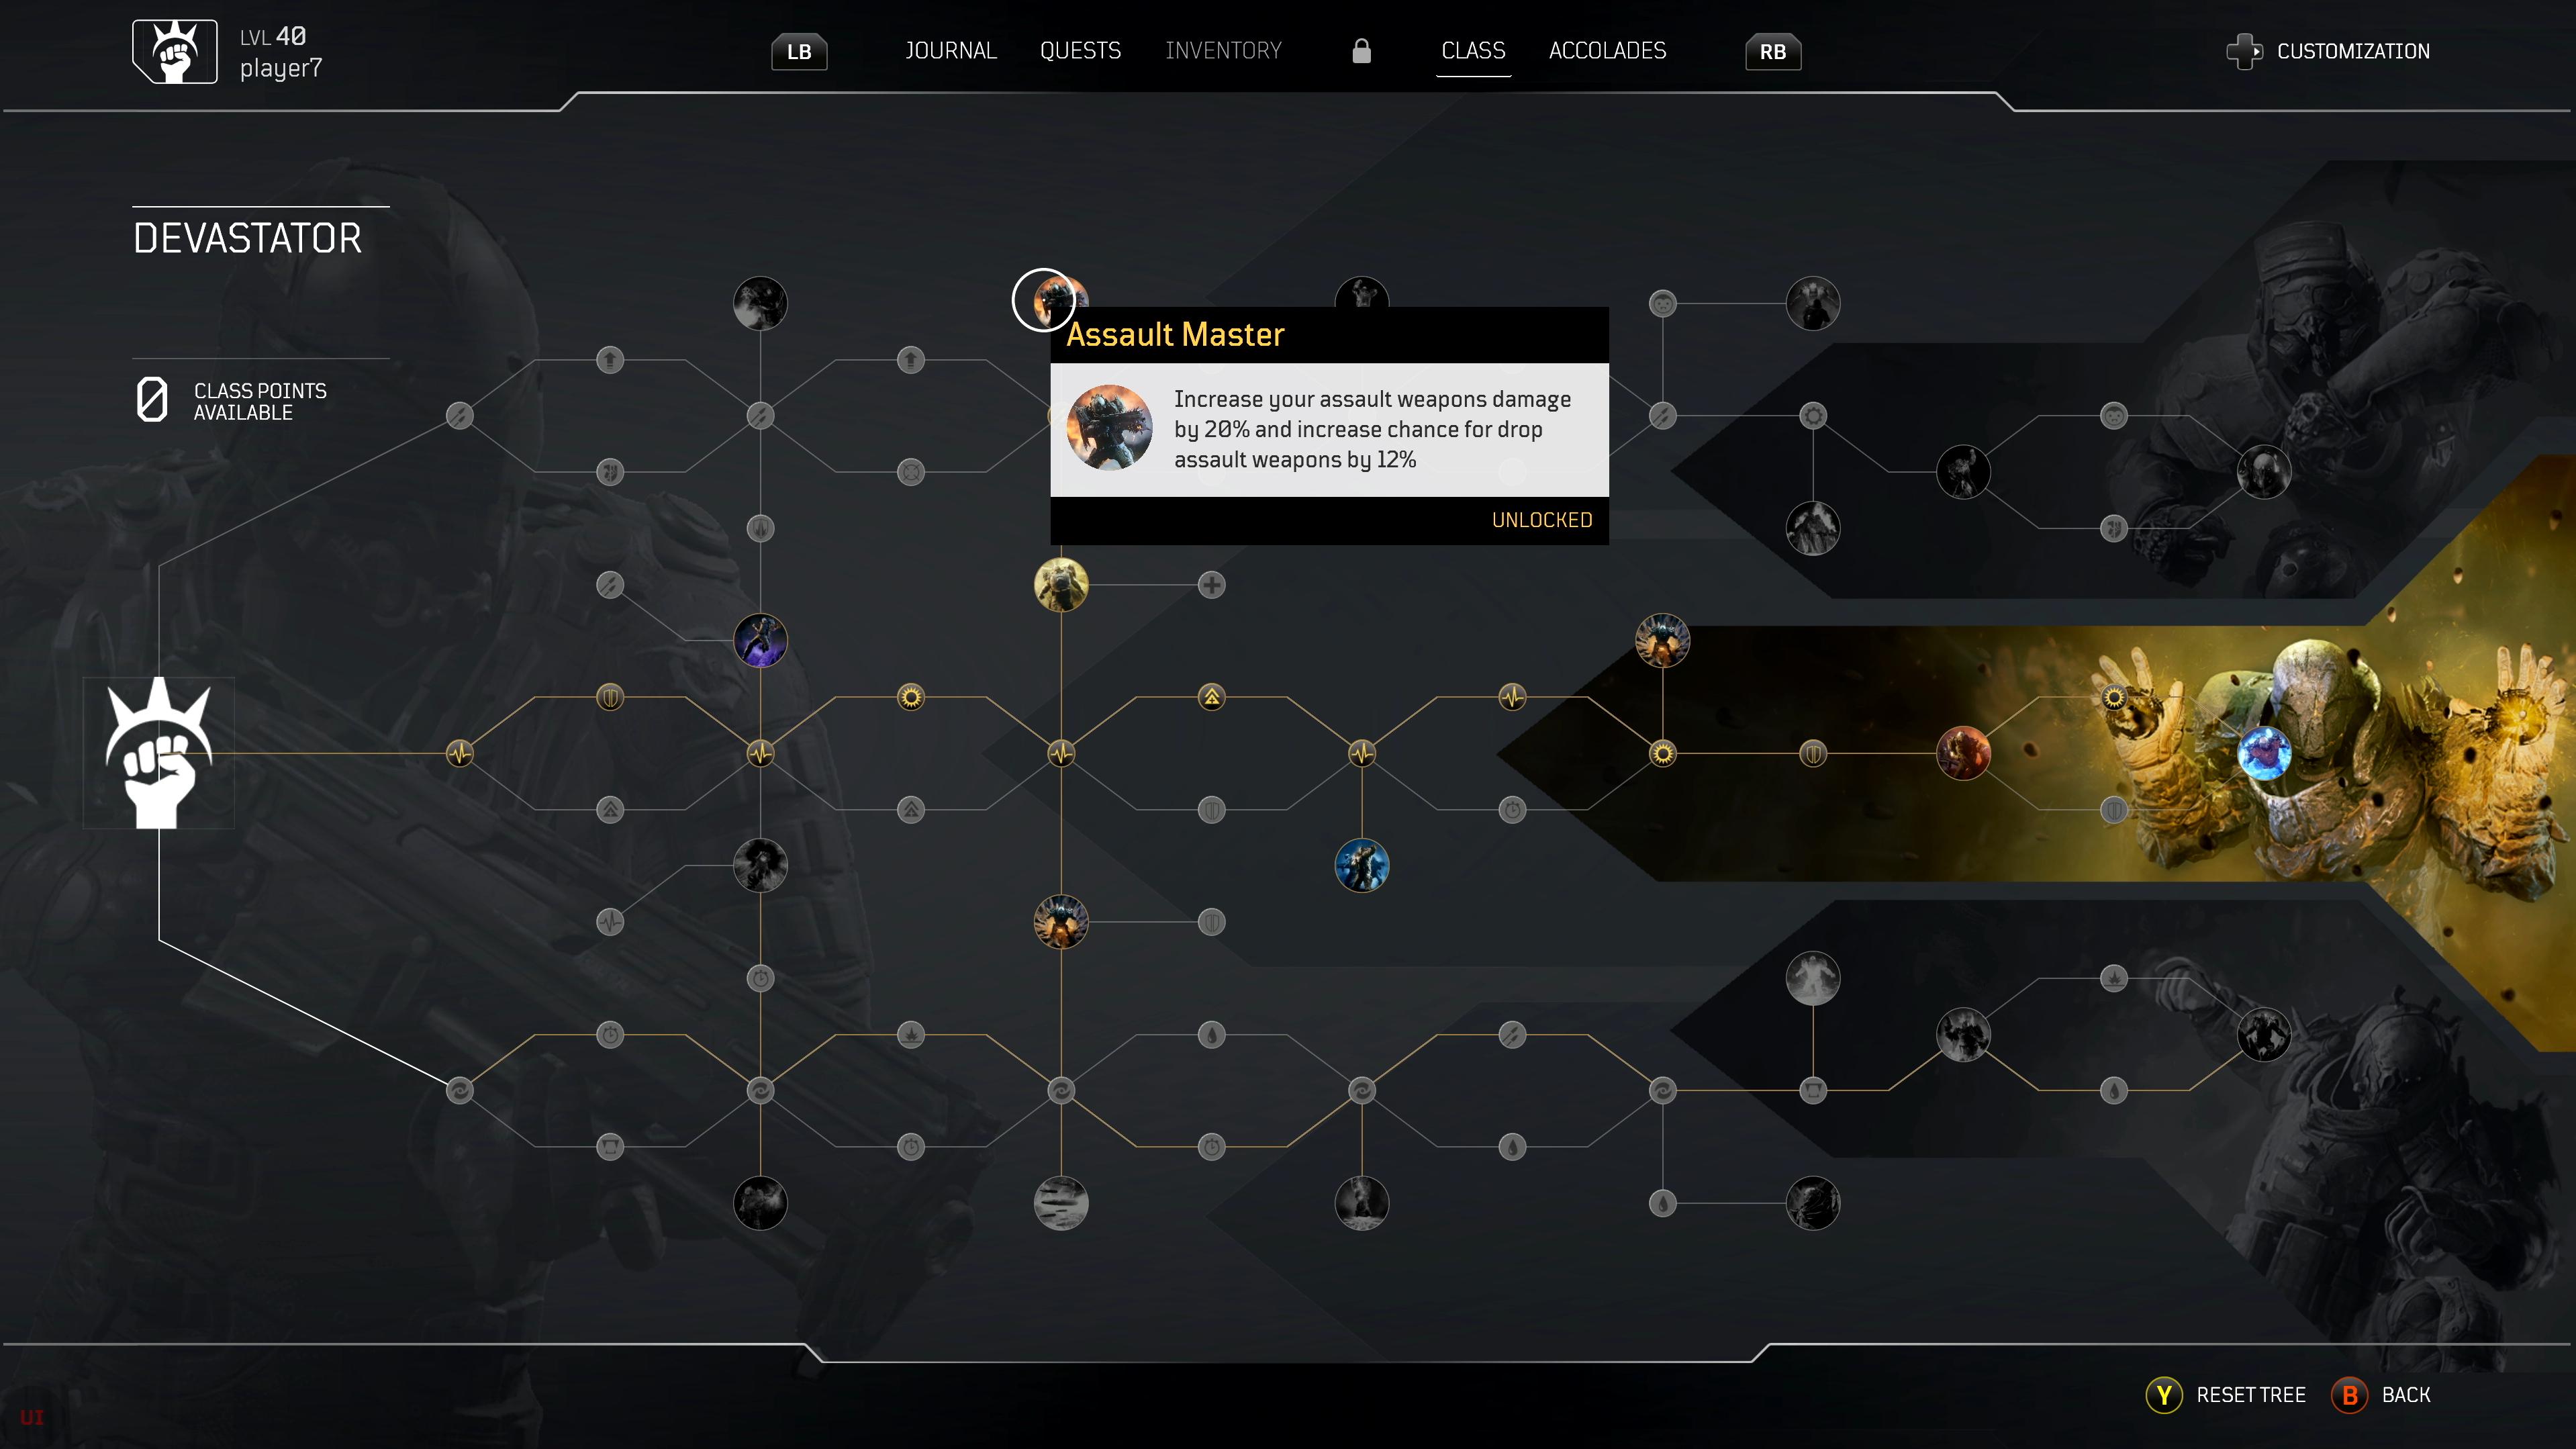 Сюжетный трейлер, геймплей и скриншоты лутер-шутера Outriders